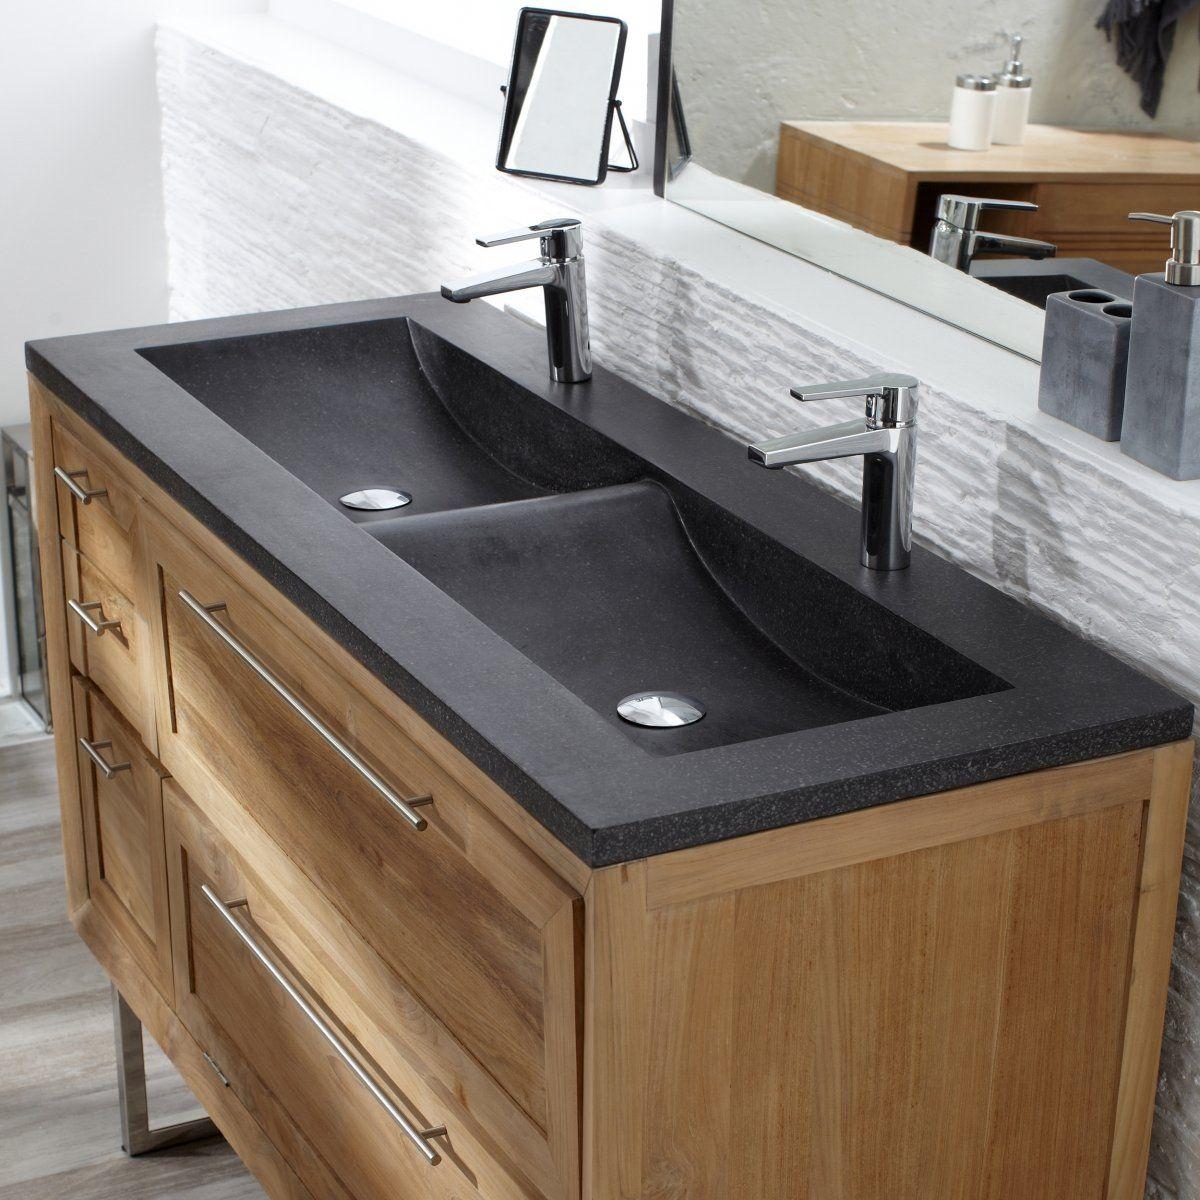 Meuble bois salle de bain double vasque avec haute dĩfinition